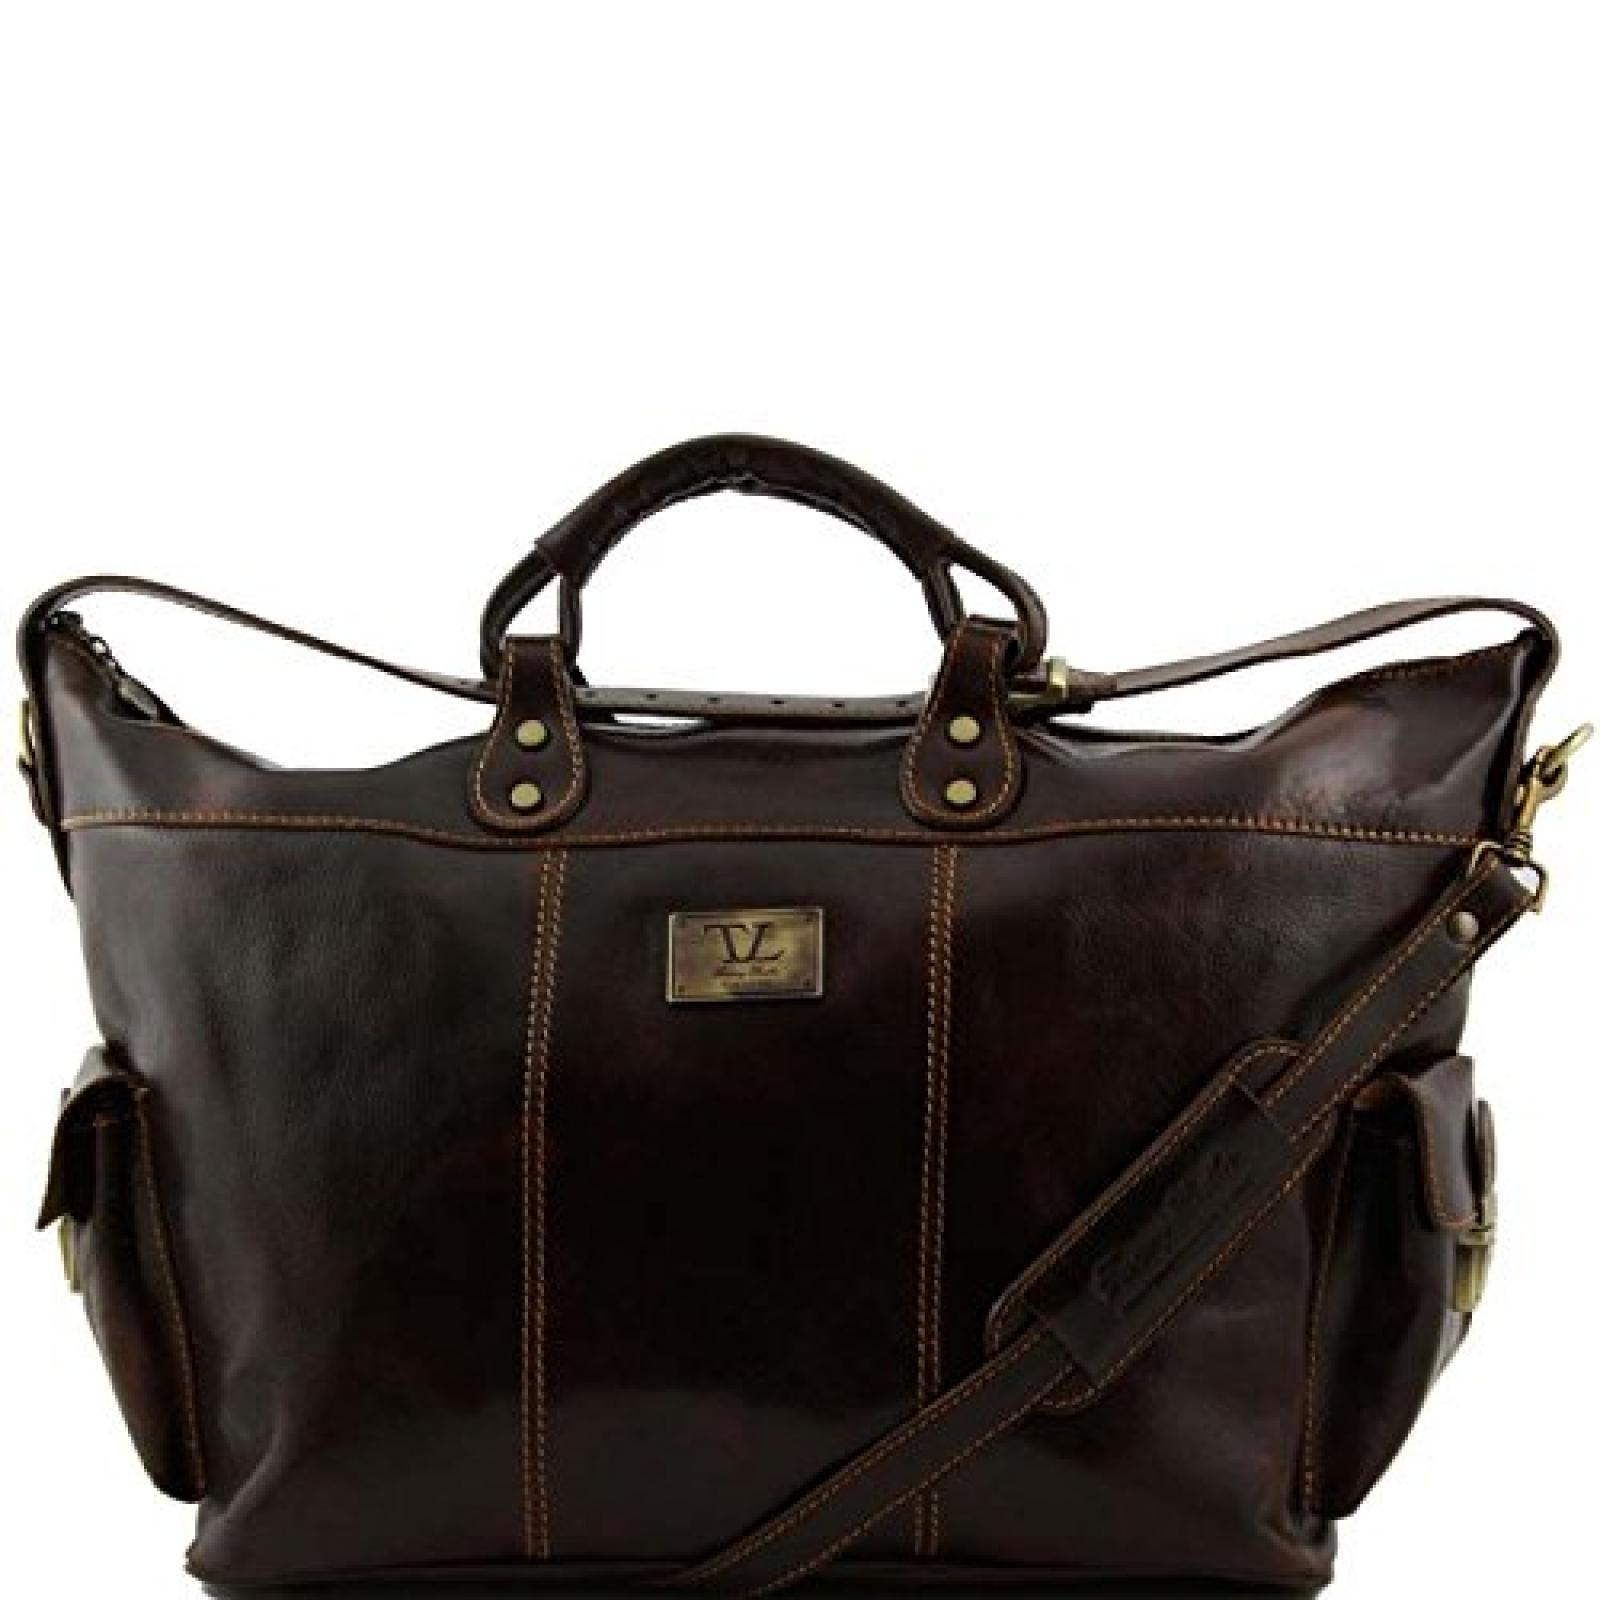 Tuscany Leather - Porto - Reisetasche aus Leder Dunkelbraun - TL140938/5